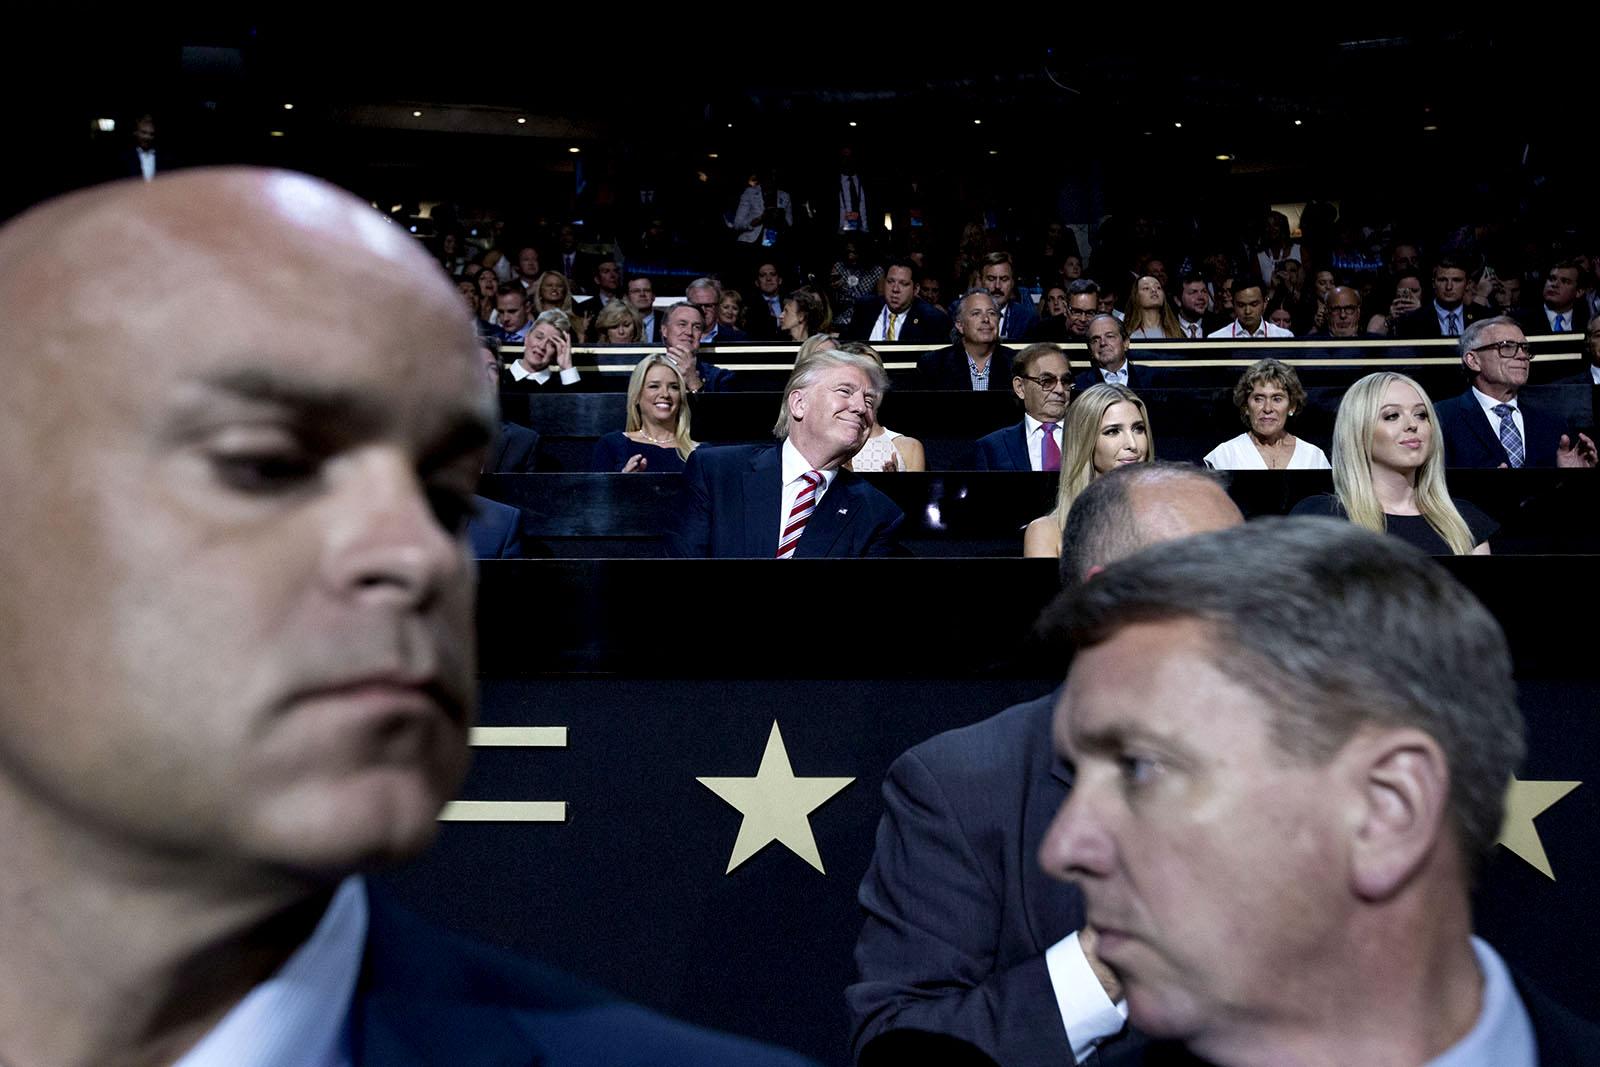 Donald Trump,med sina döttrar Ivanka och Tiffany, lyssnar på sin son Eric Trumps tal under Republikanernas konvent i Philadelphia. I förgrunden är Secret Service-agenter.